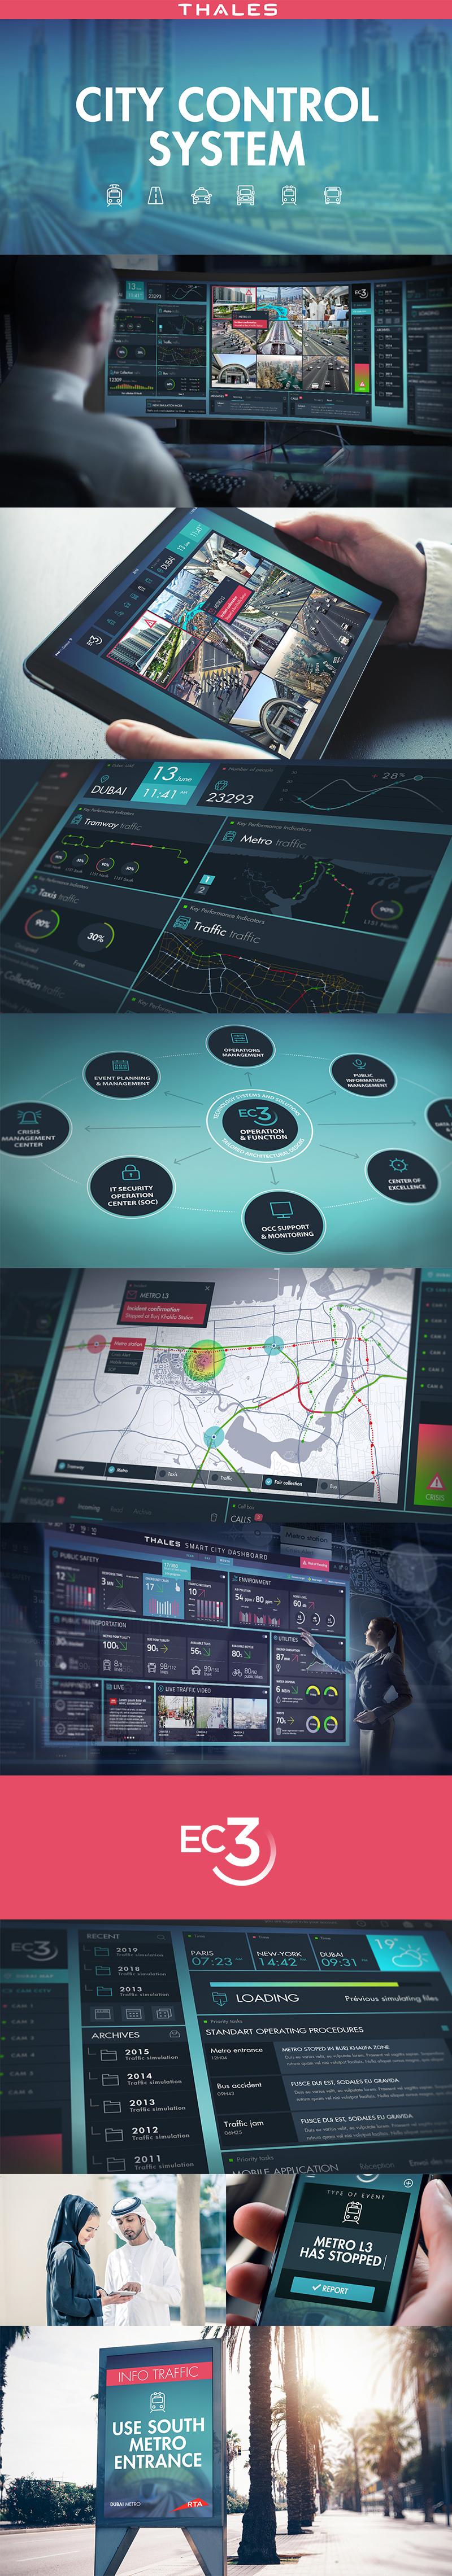 Directeur artistique freelance - THALES EC3 - UI design - Application mobile